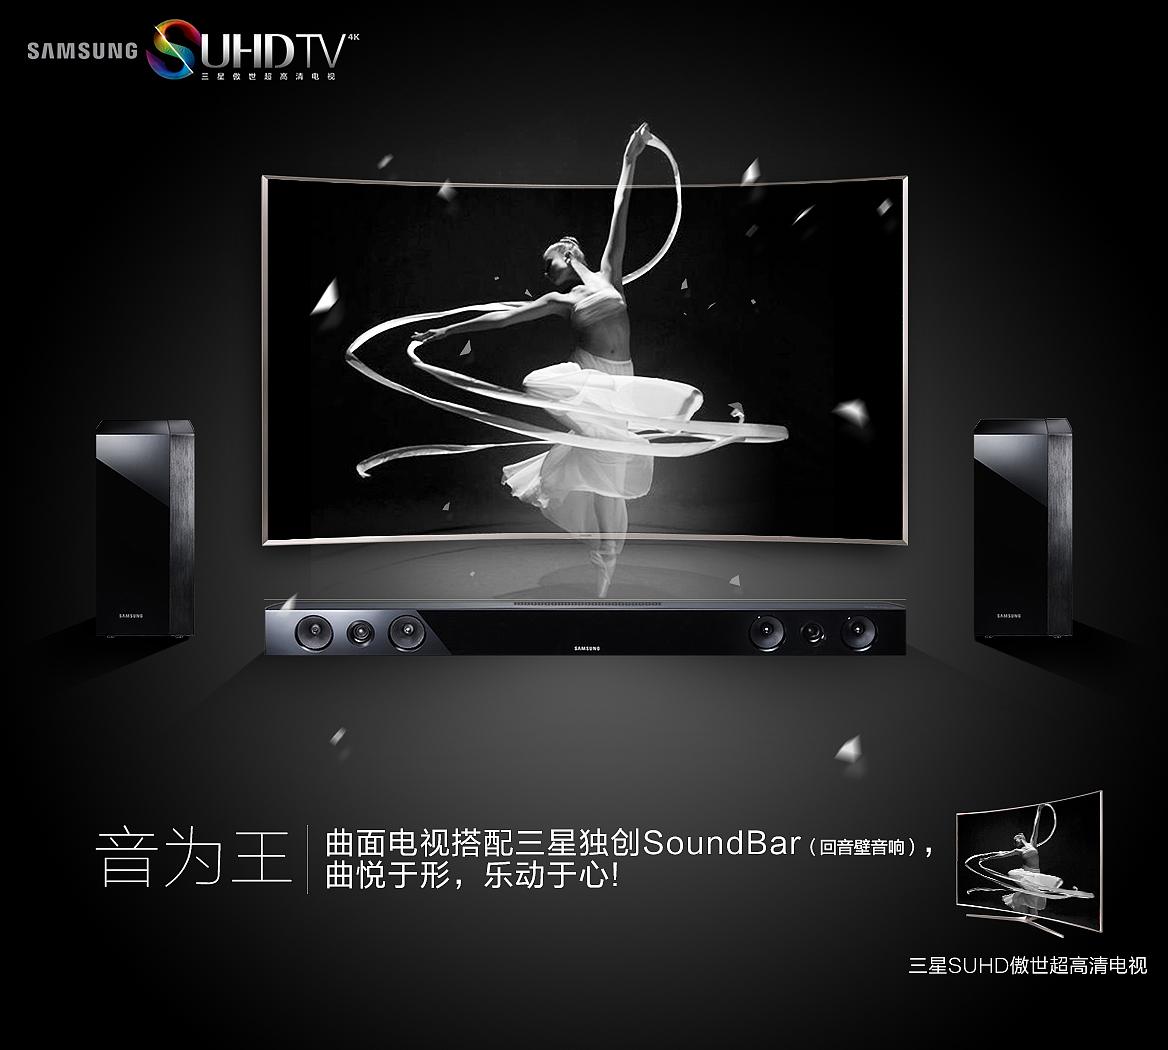 svmsung电视平面广告创意系列海报图片